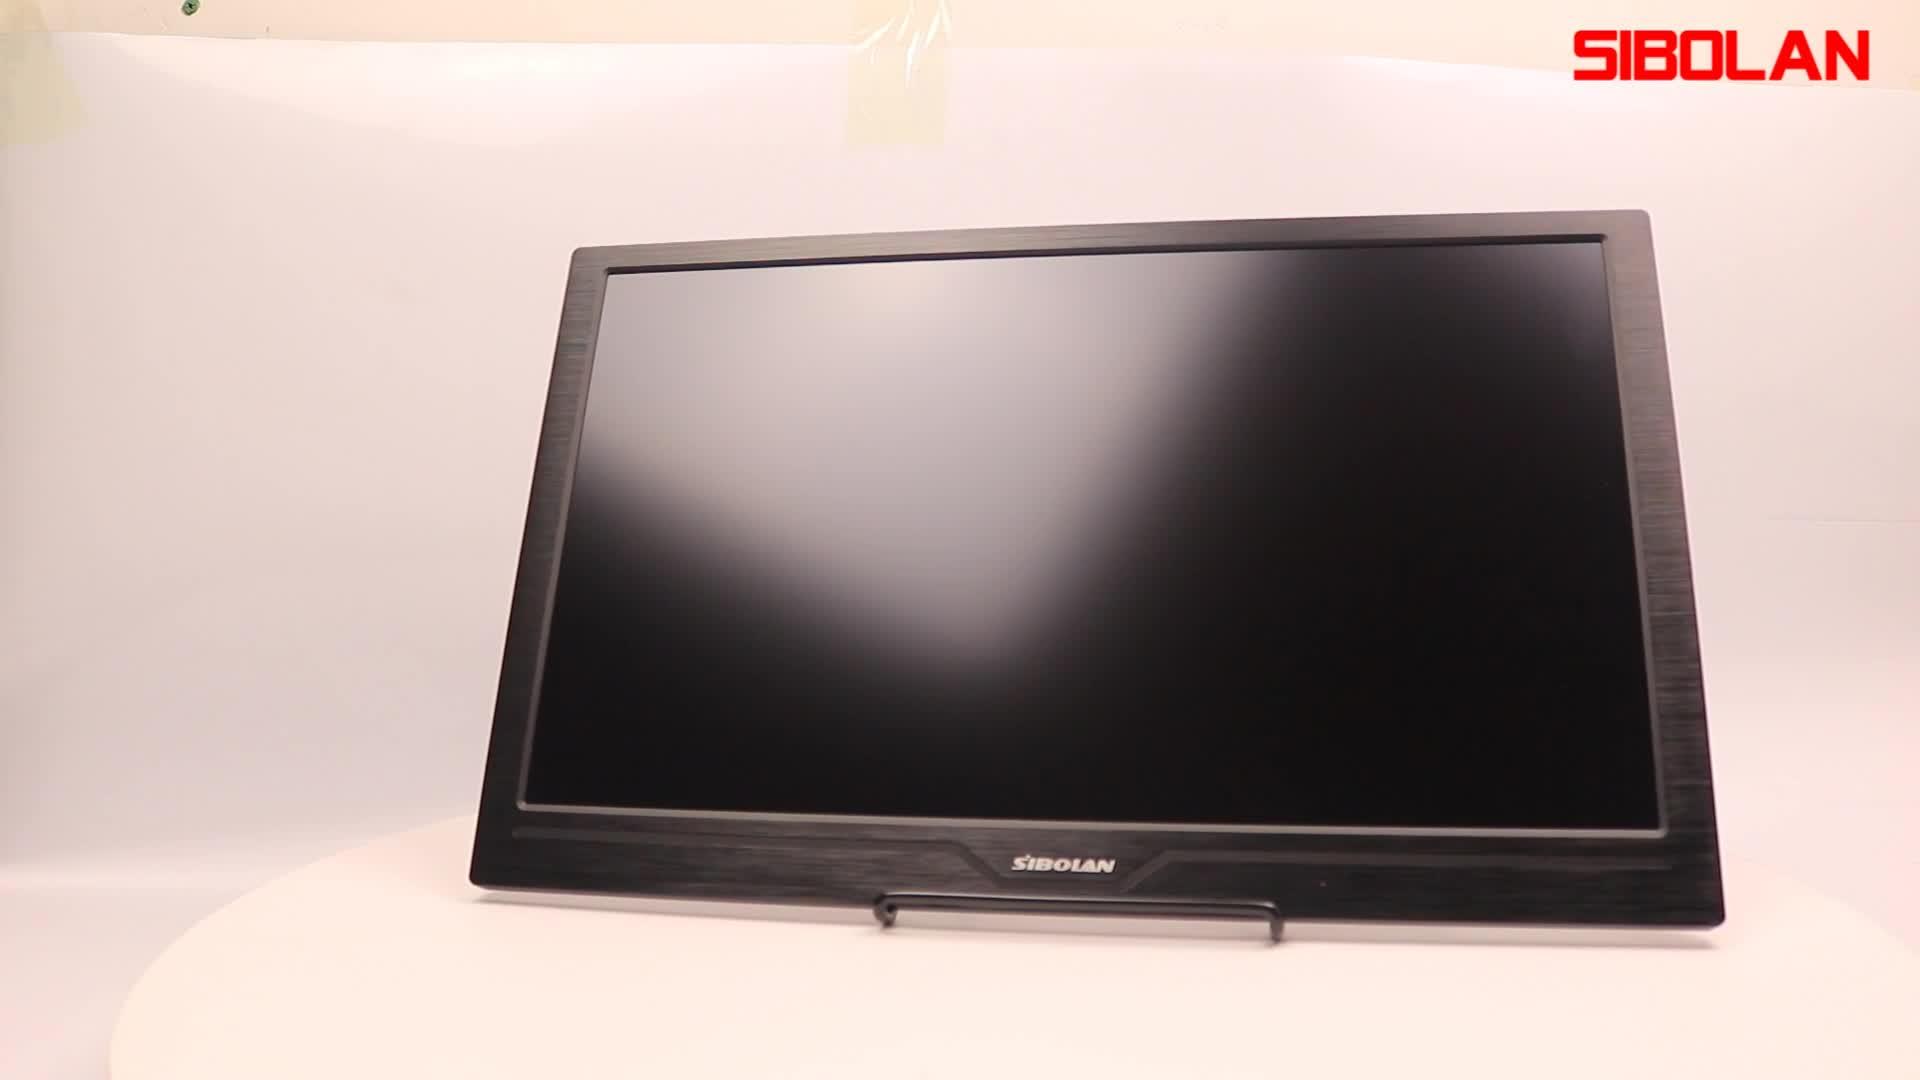 OEM फैक्टरी 18.4 इंच 4 k गेमिंग मॉनिटर UHD 3840x2160 पीसी मॉनिटर के साथ 4 k 100% आरजीबी वज्र 3 यूएसबी प्रकार-सी